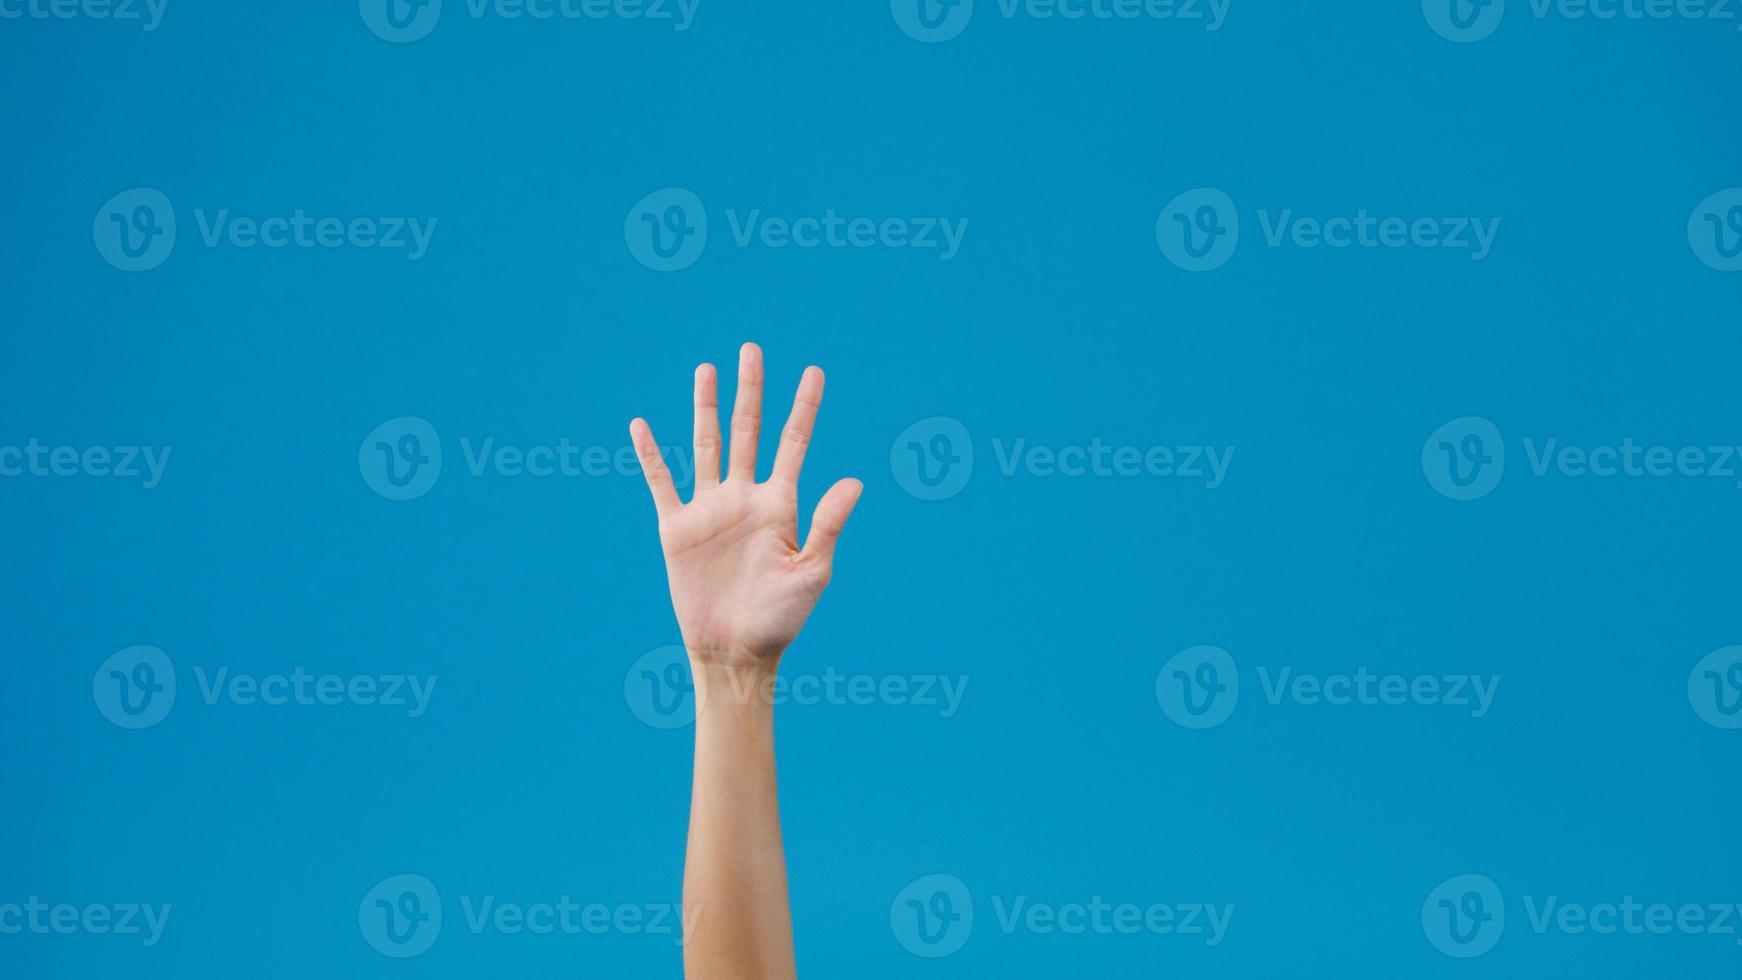 giovane donna agitando dicendo saluto, addio facendo gesti con le mani isolate su sfondo blu. copia spazio per inserire un testo, un messaggio per la pubblicità. area pubblicitaria, mock up di contenuti promozionali. foto